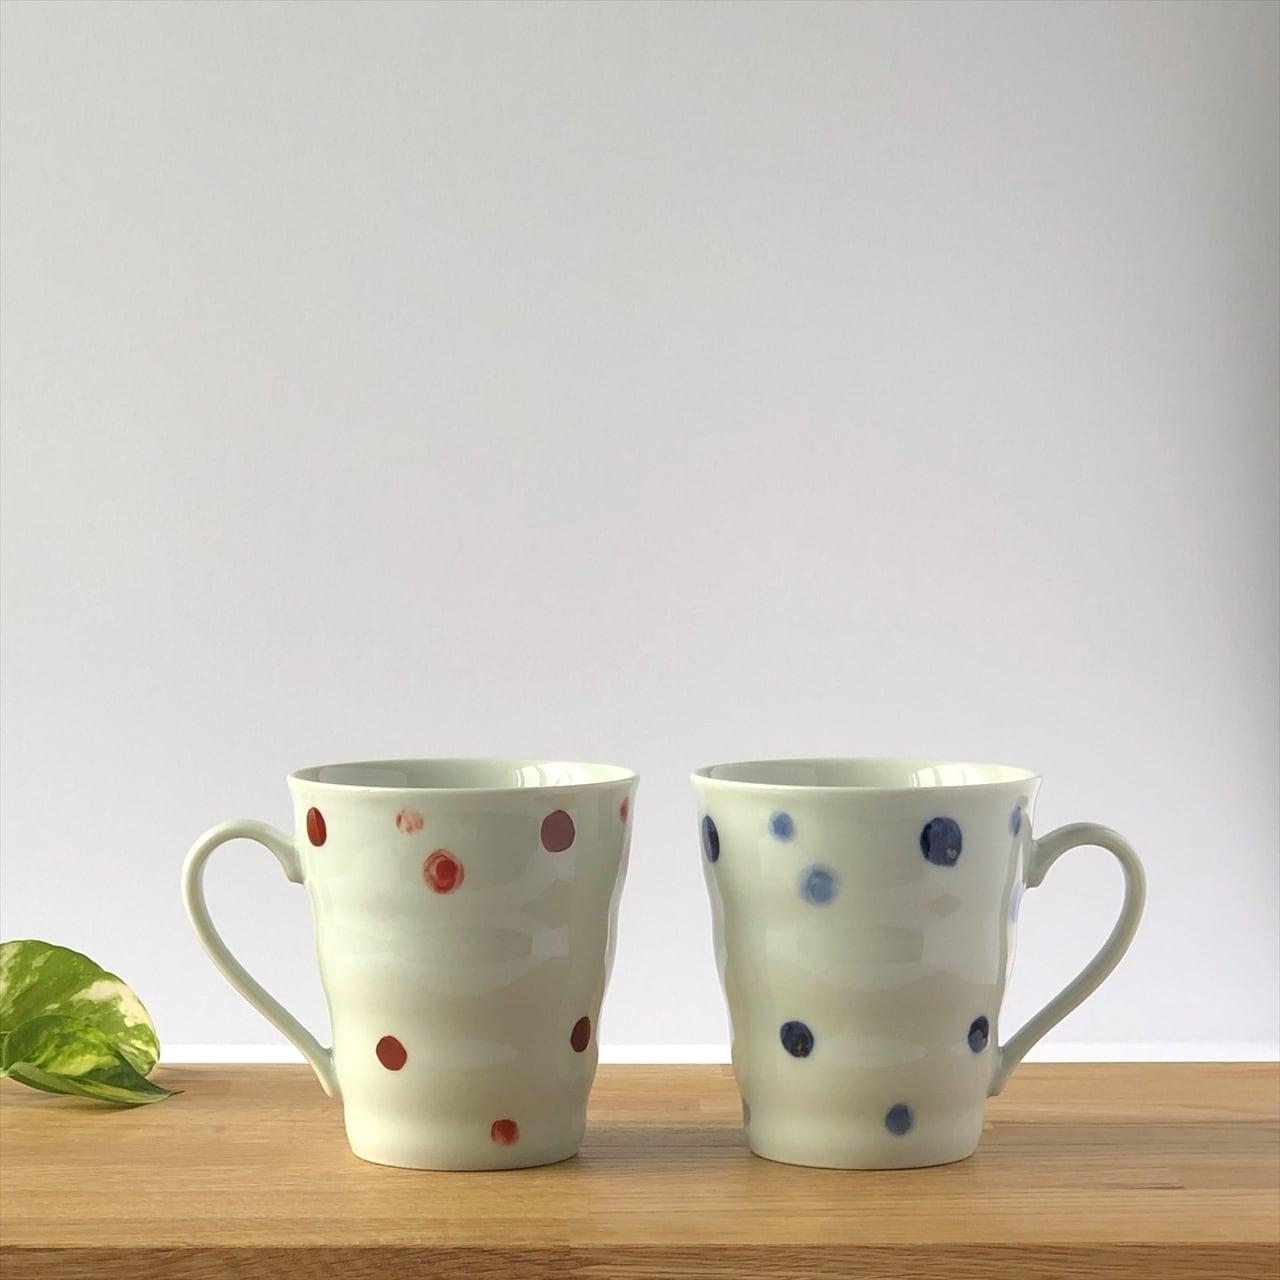 有田焼【for you】おそろいマグカップ 水玉 (赤Or青) 製造:江口製陶所